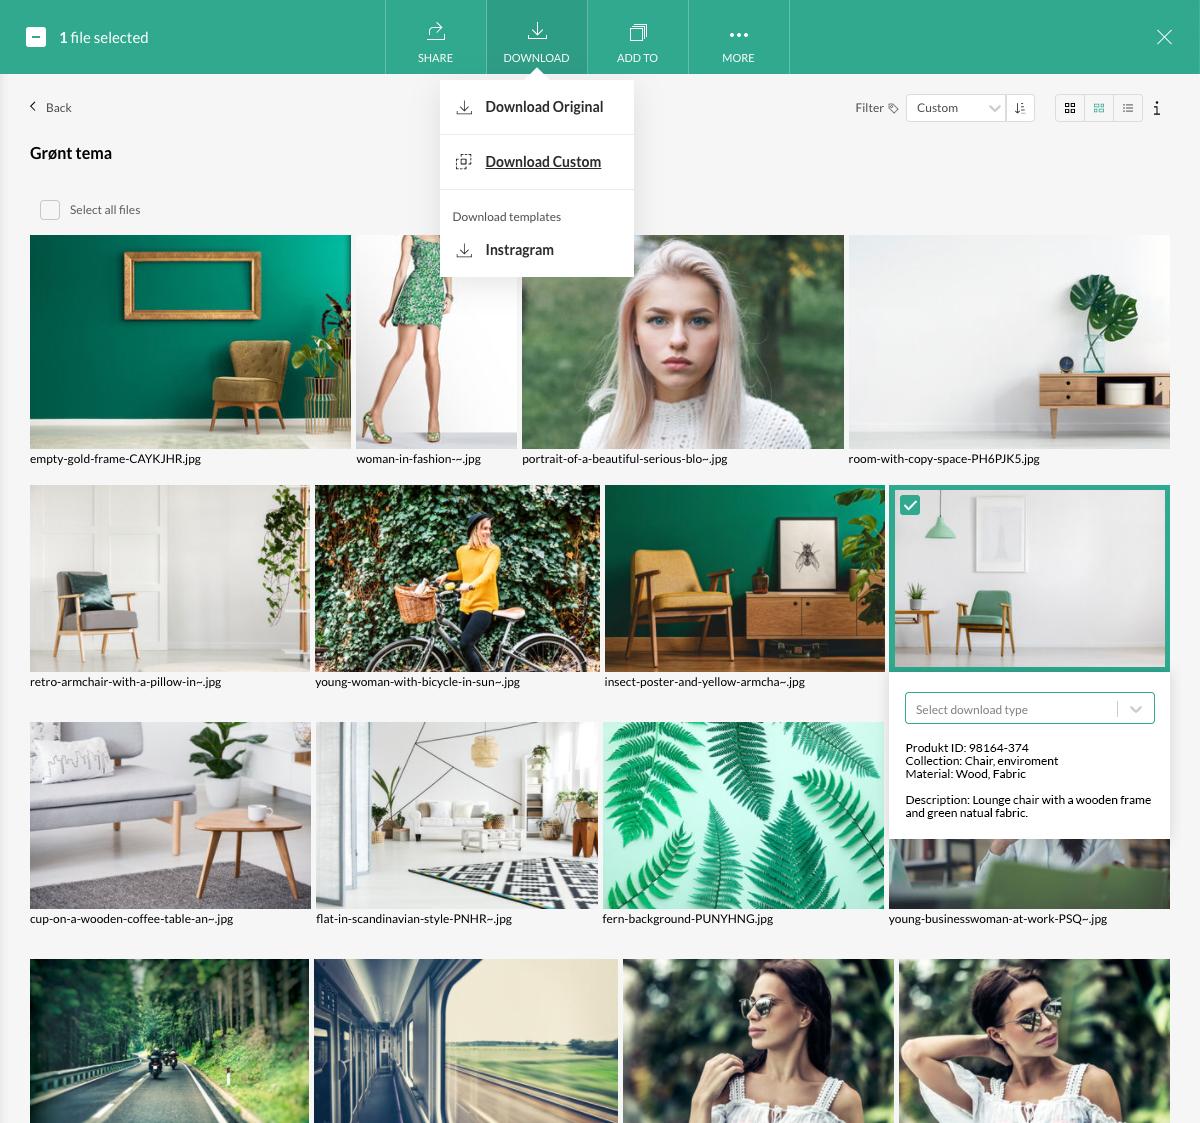 Moderne og brugervenligt imagebank alternativ til dropbox